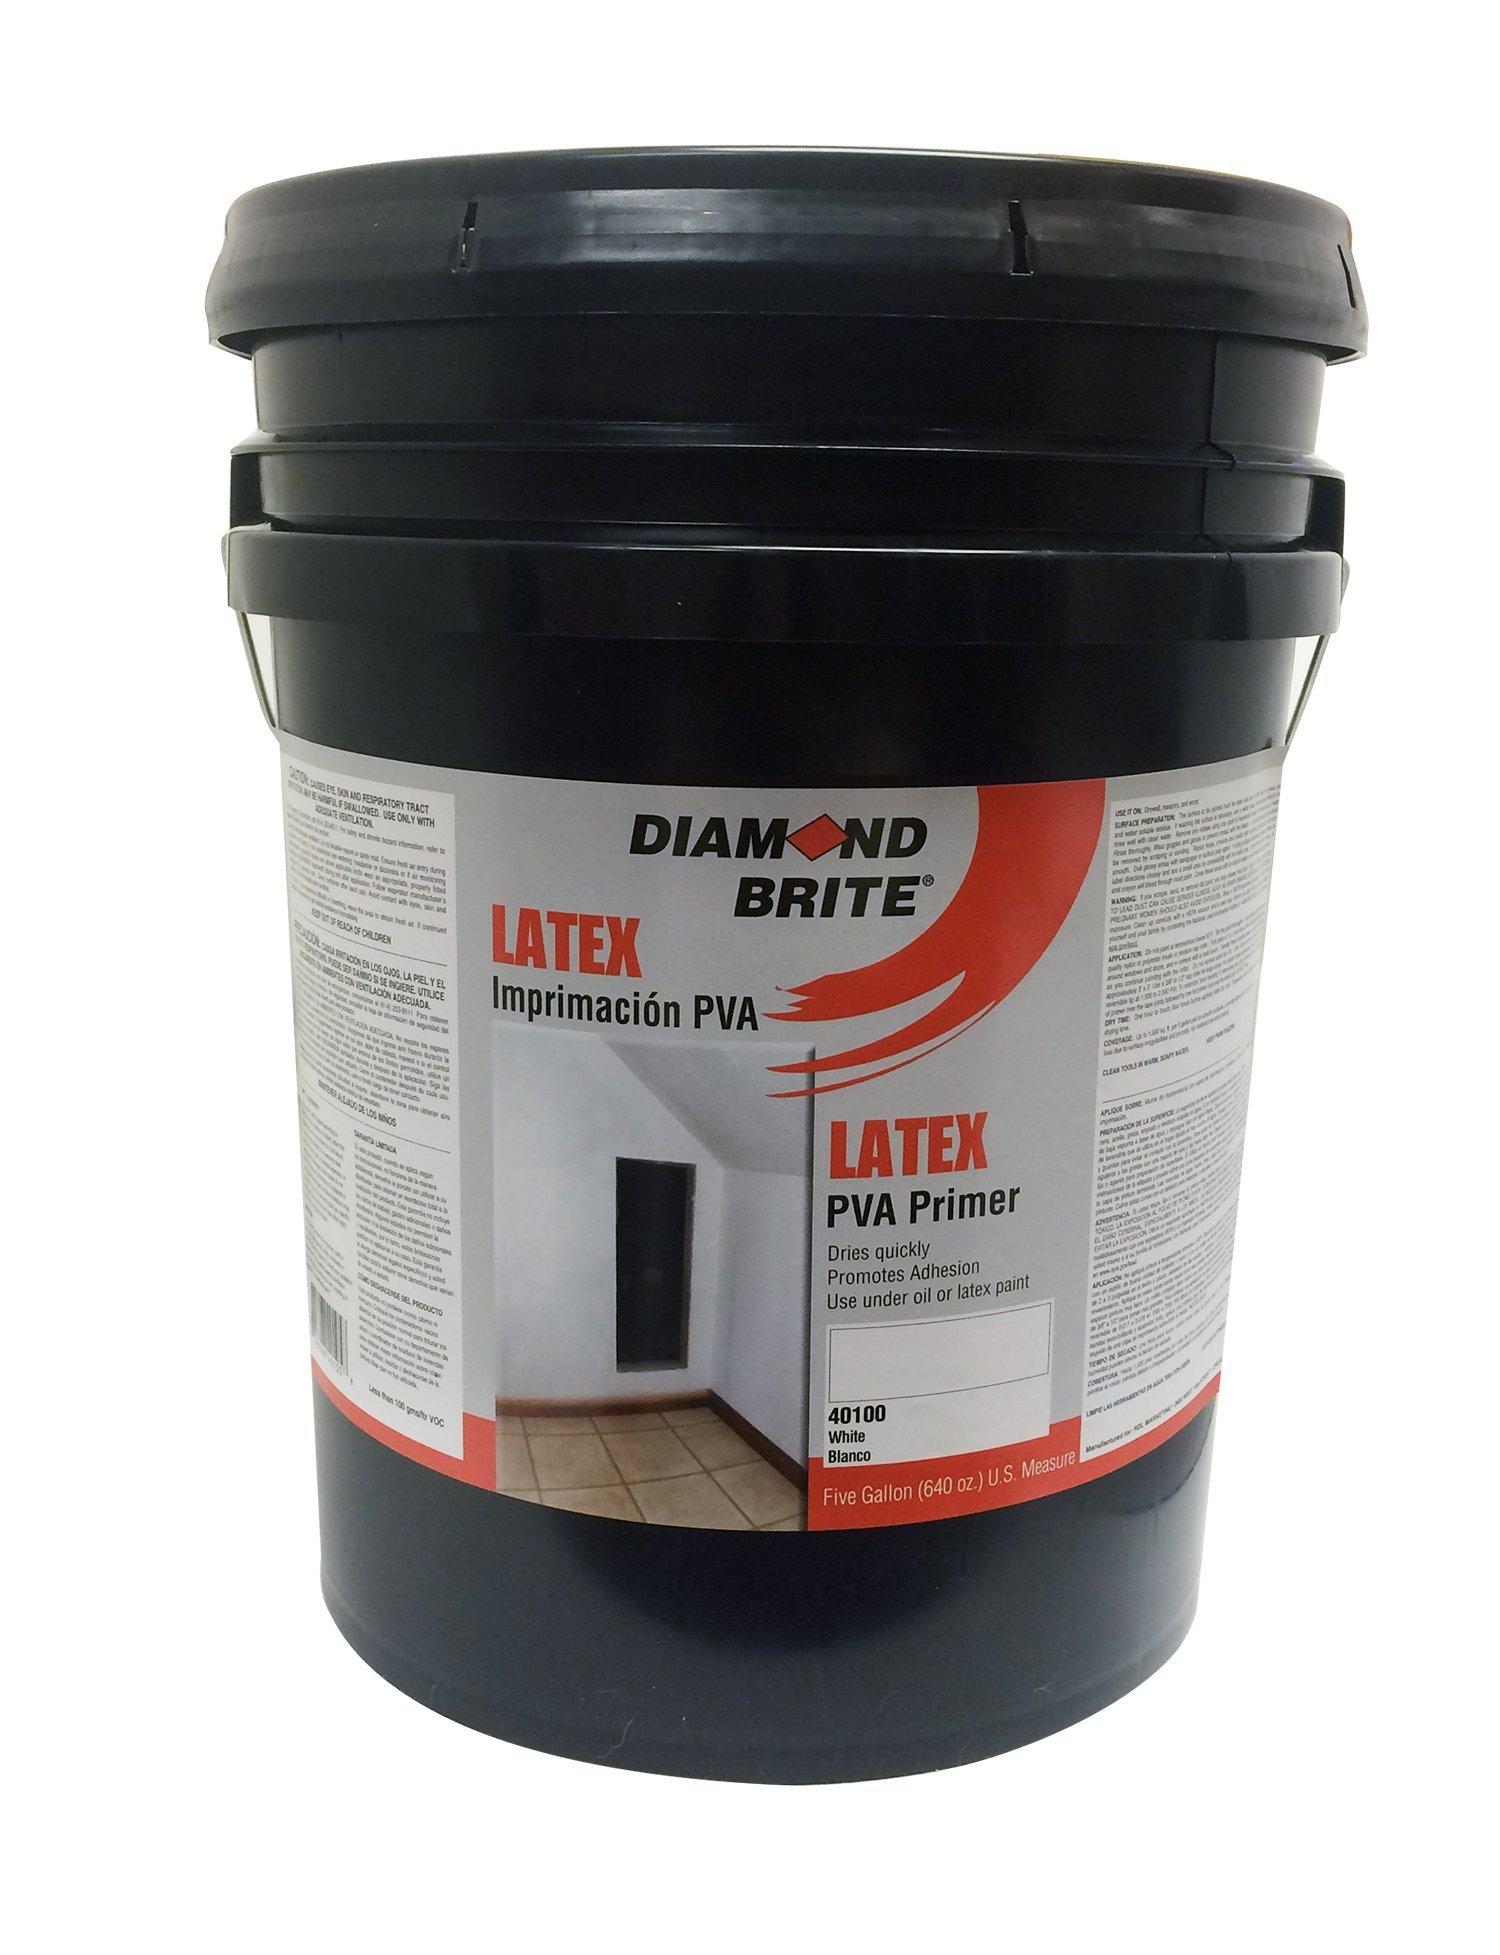 Diamond Brite Paint 40100 5-Gallon Interior/Exterior Latex PVA Primer Sealer